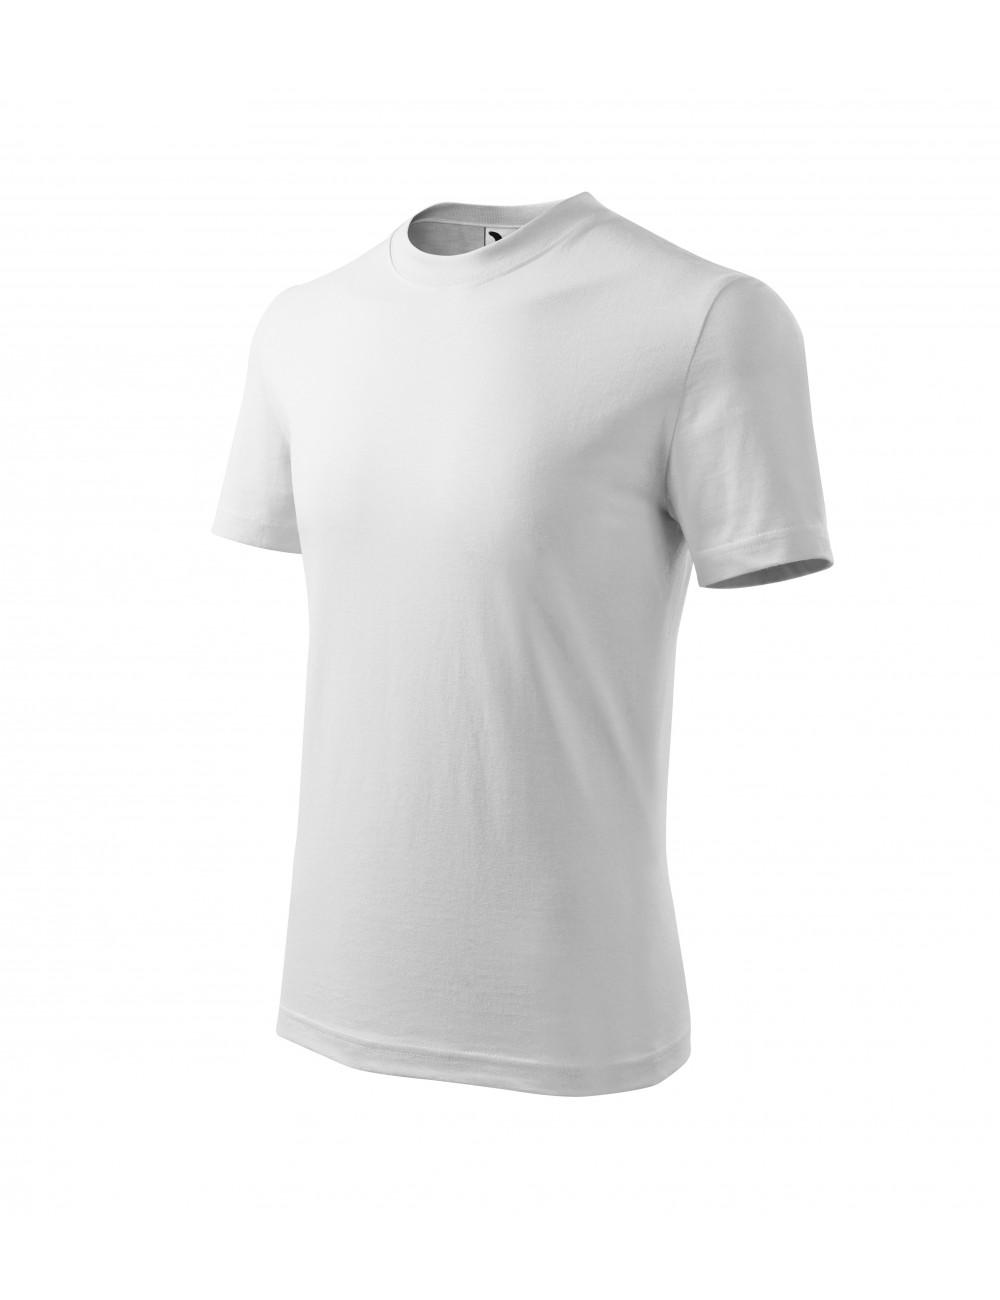 Adler MALFINI Koszulka dziecięca Basic 138 biały